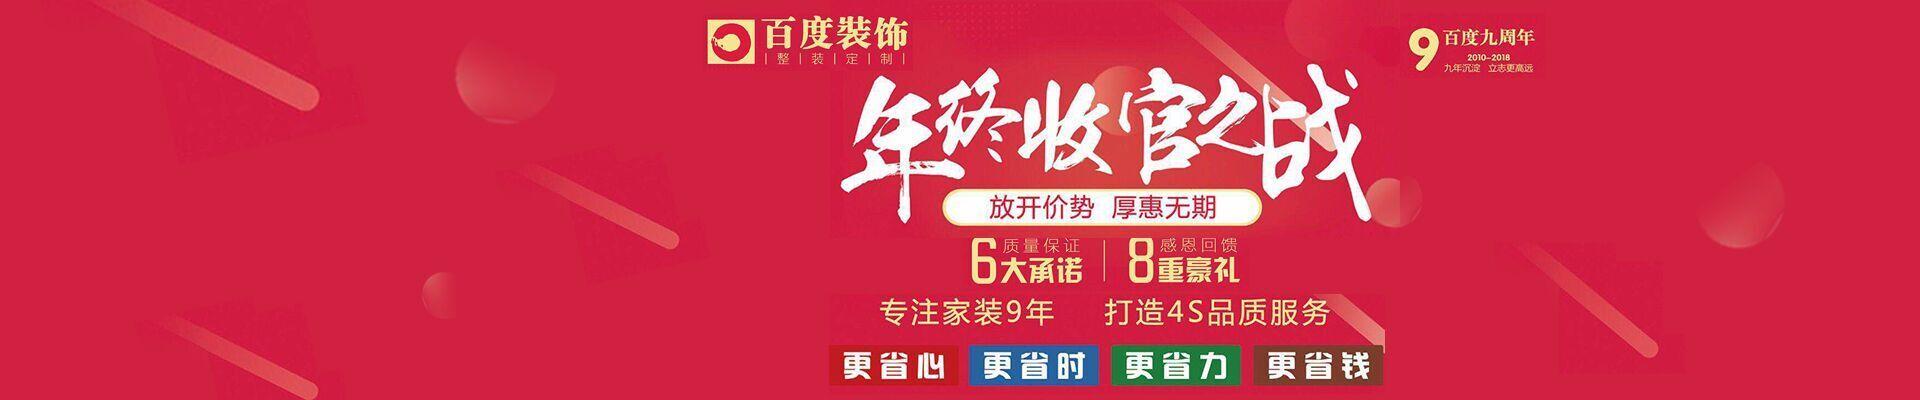 北京百度装饰安庆馆